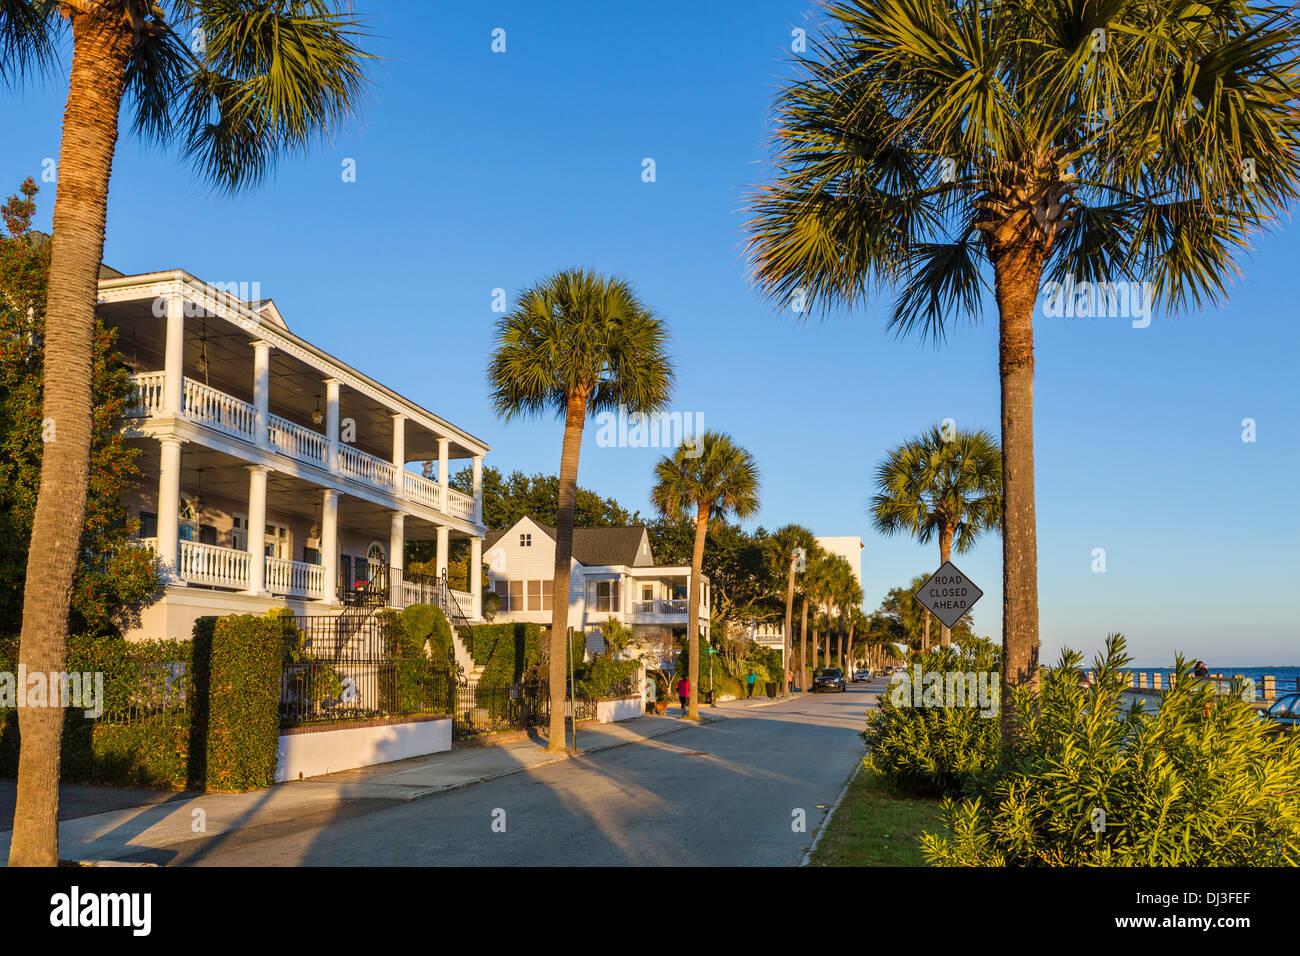 Casas Históricas a lo largo de la línea costera en Murray Boulevard, iluminado por el sol, Charleston, Carolina del Sur, EE.UU. Foto de stock